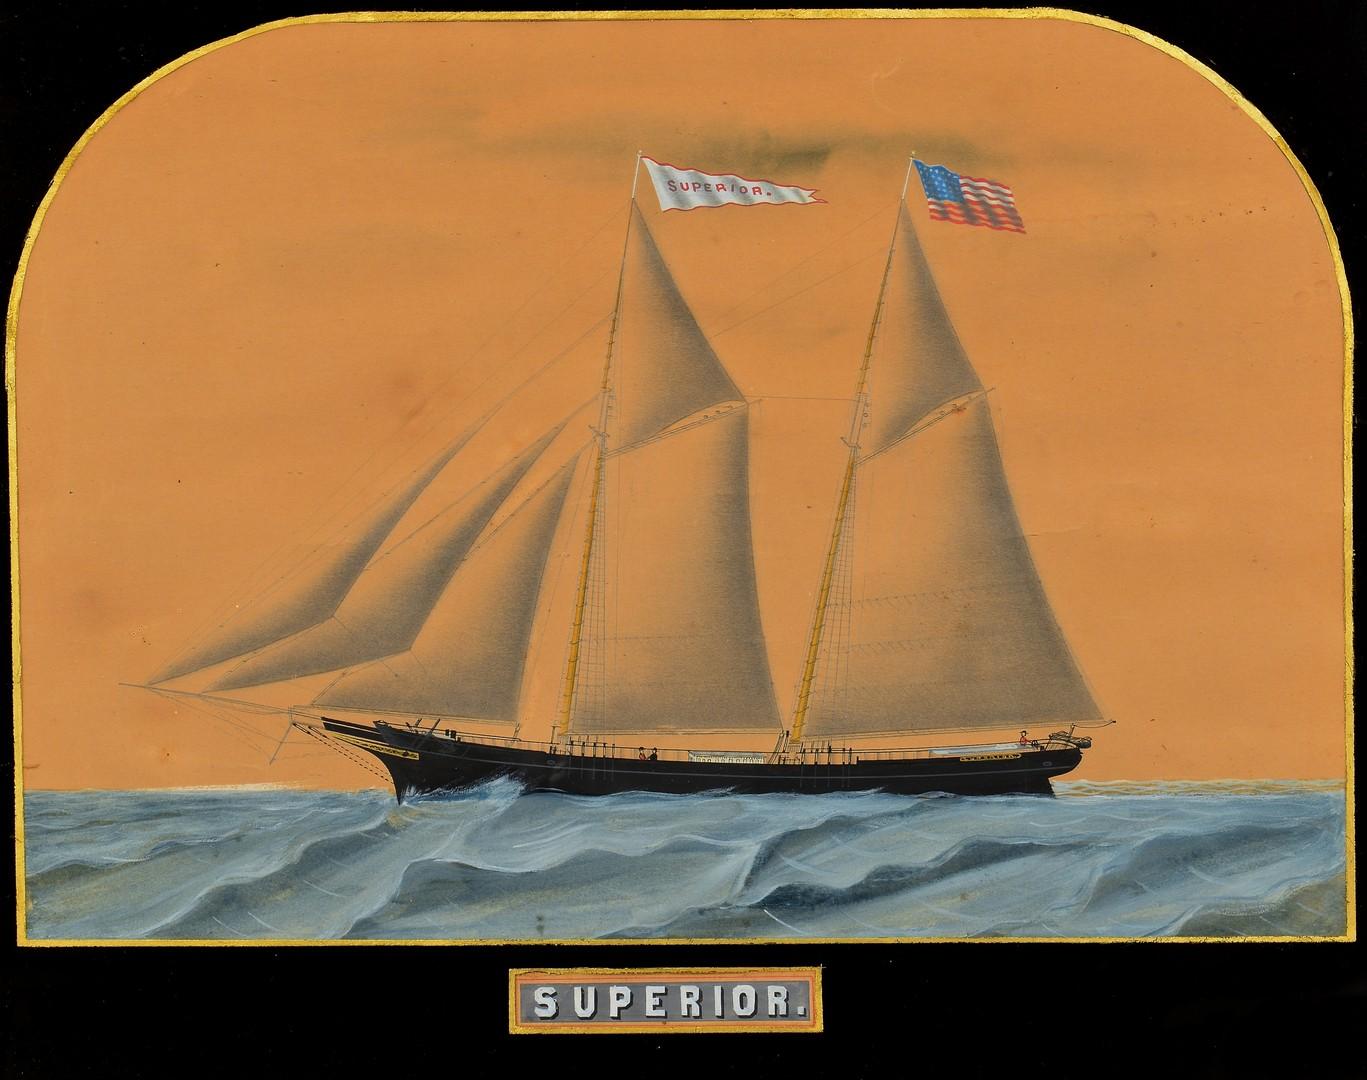 Lot 235: American School Ship Watercolor, Superior